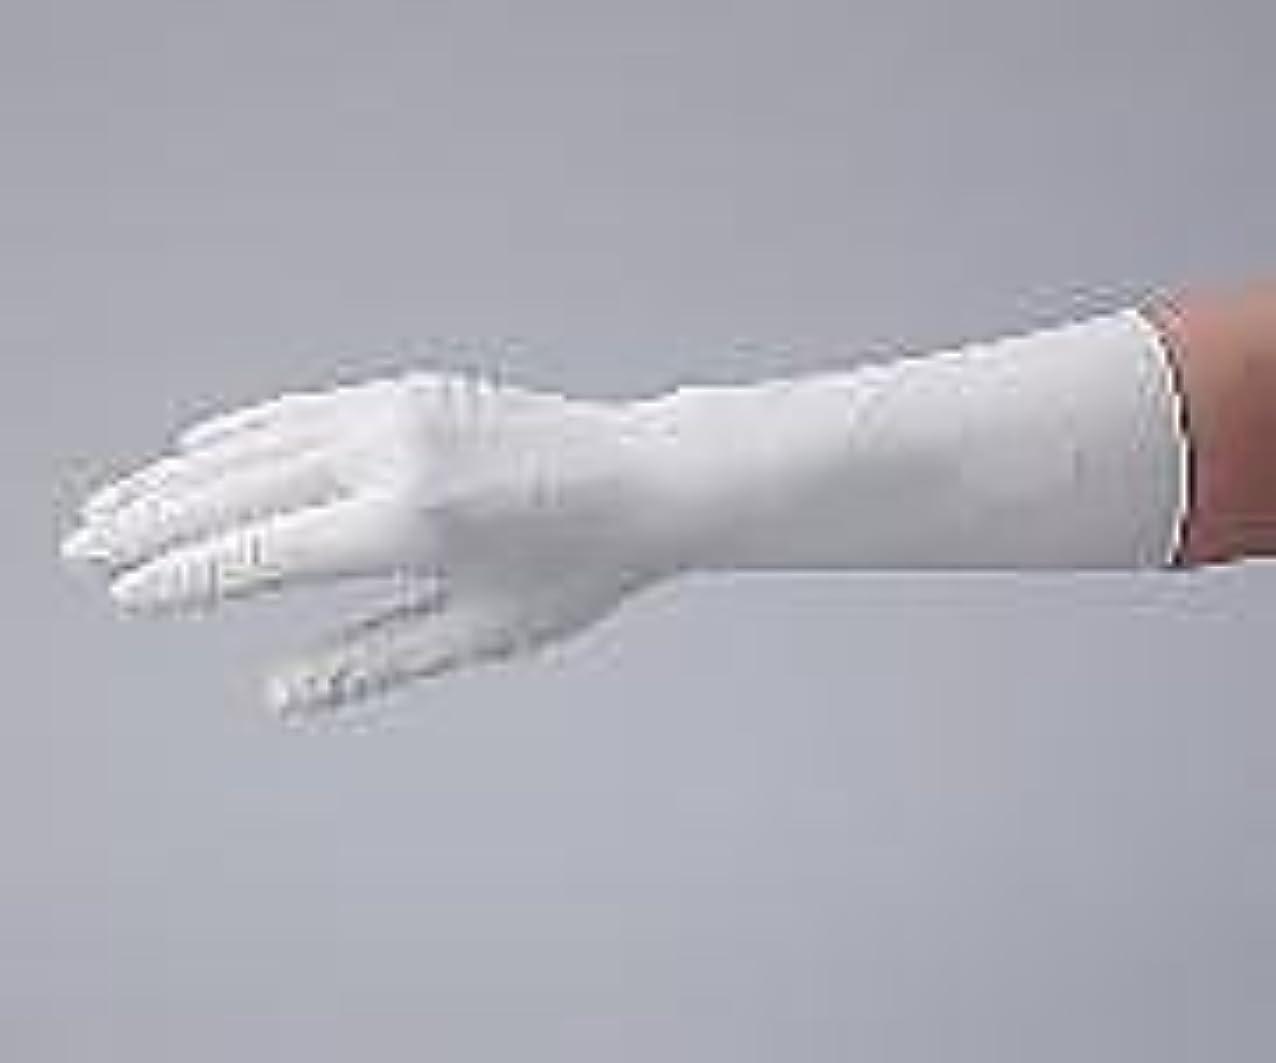 肌衰える純粋なアズピュア(アズワン)1-2324-52アズピュアクリーンファーストニトリル手袋(ペアタイプ)クリーンパックS左右各50枚×10袋入